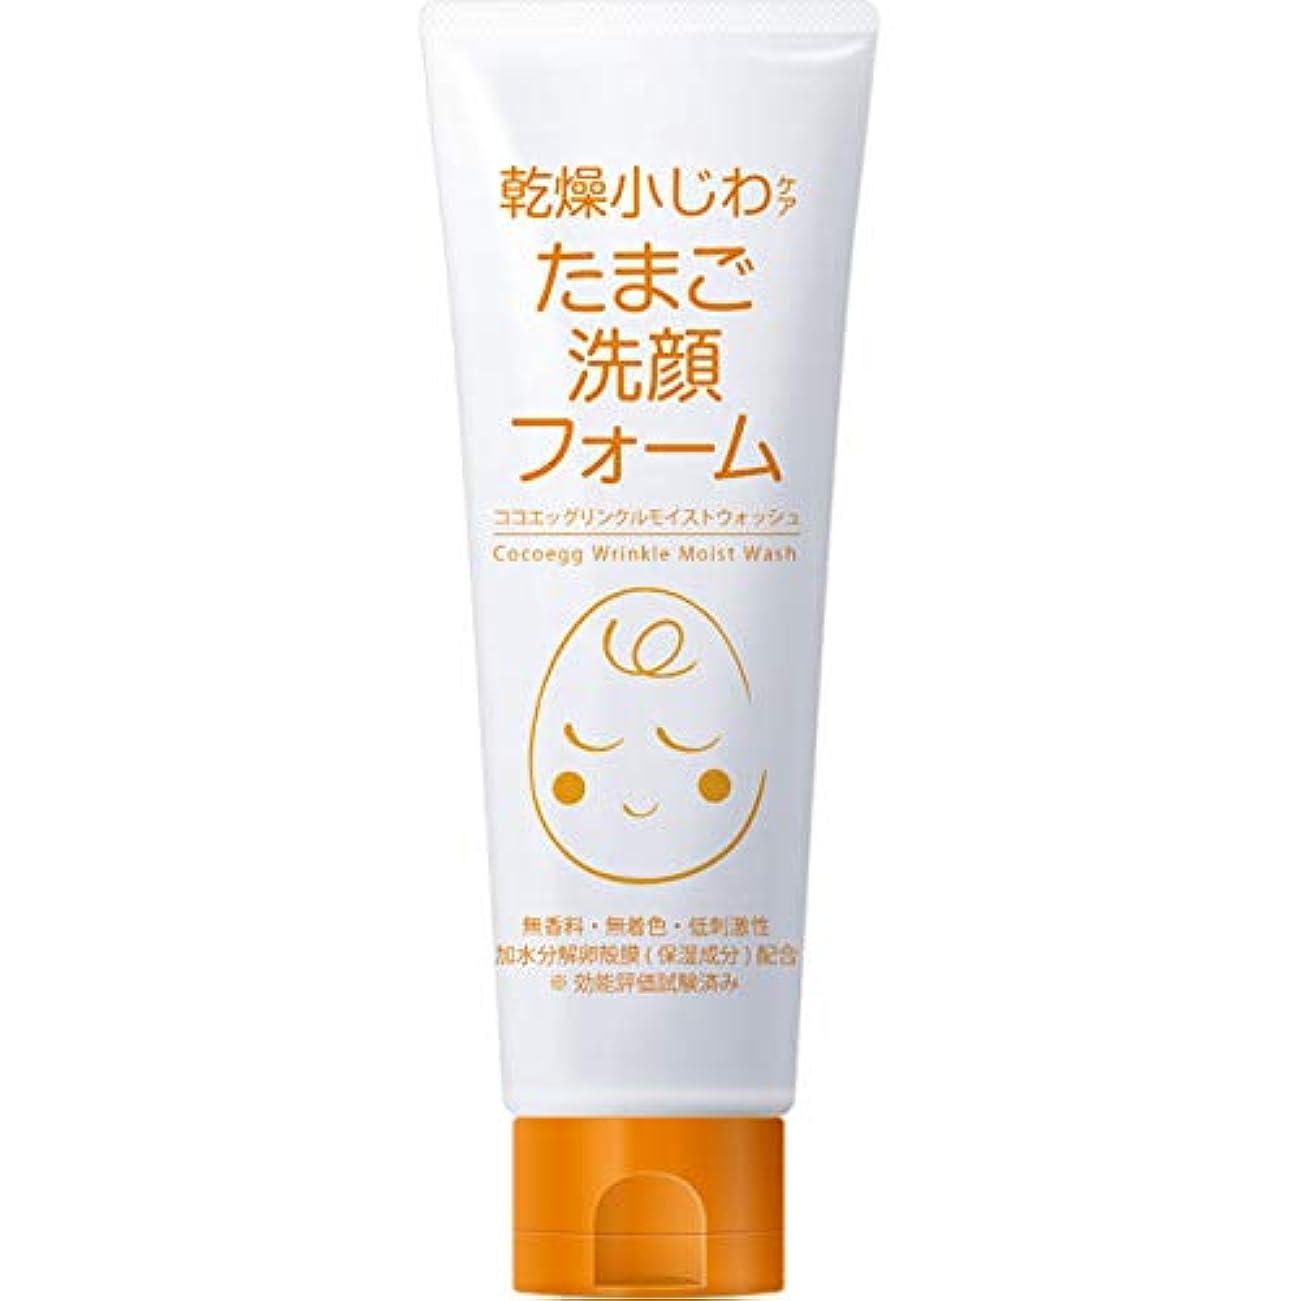 風邪をひく化粧経度ココエッグ CCEリンクルモイストウォッシュ たまご洗顔 W78×D50×H193mm